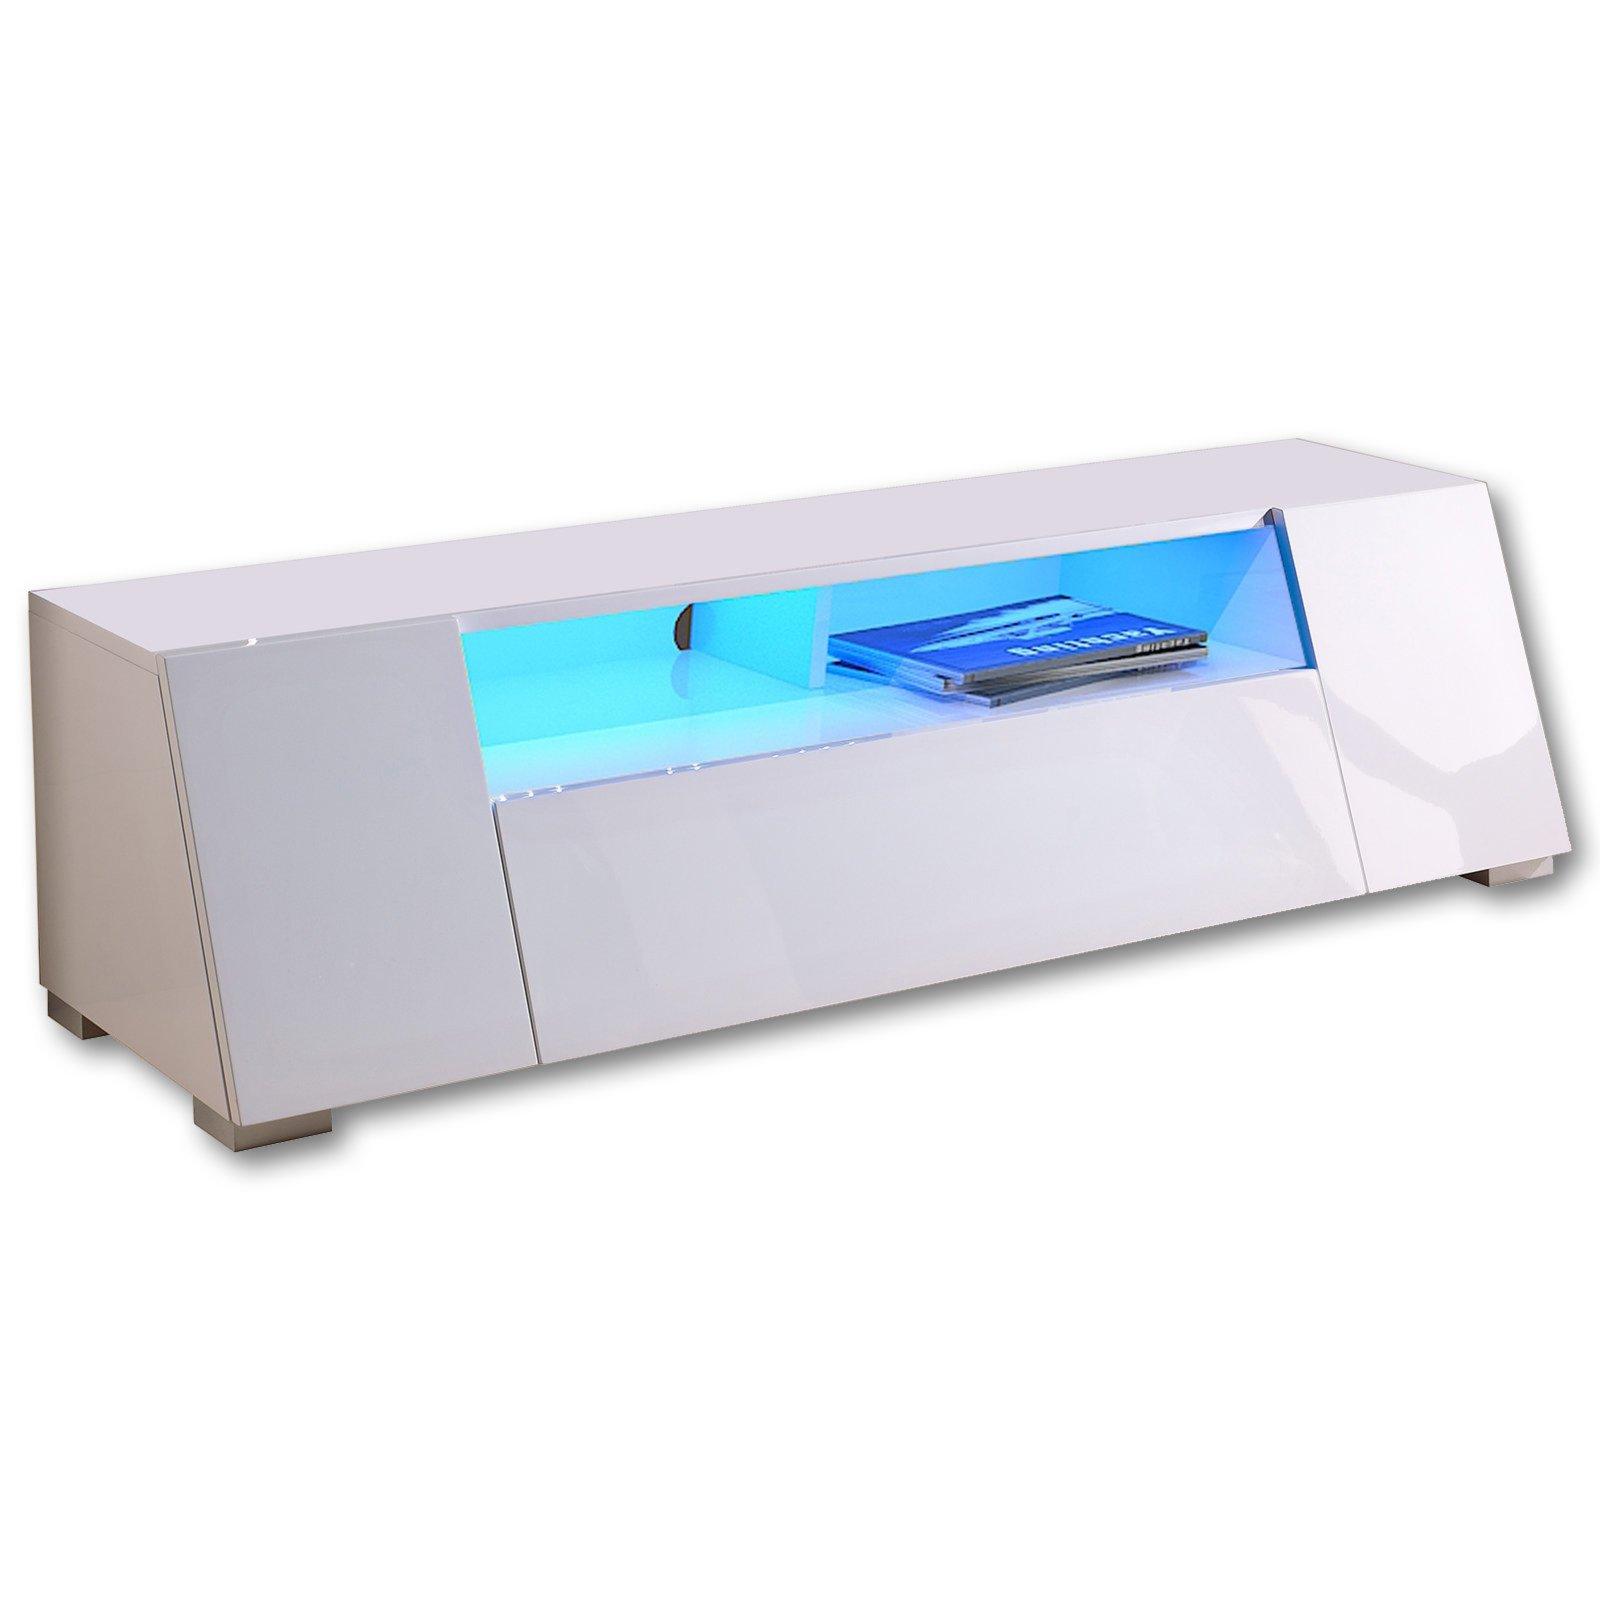 lowboard wei led beleuchtung 160 cm breit tv lowboards b nke tv hifi m bel m bel. Black Bedroom Furniture Sets. Home Design Ideas